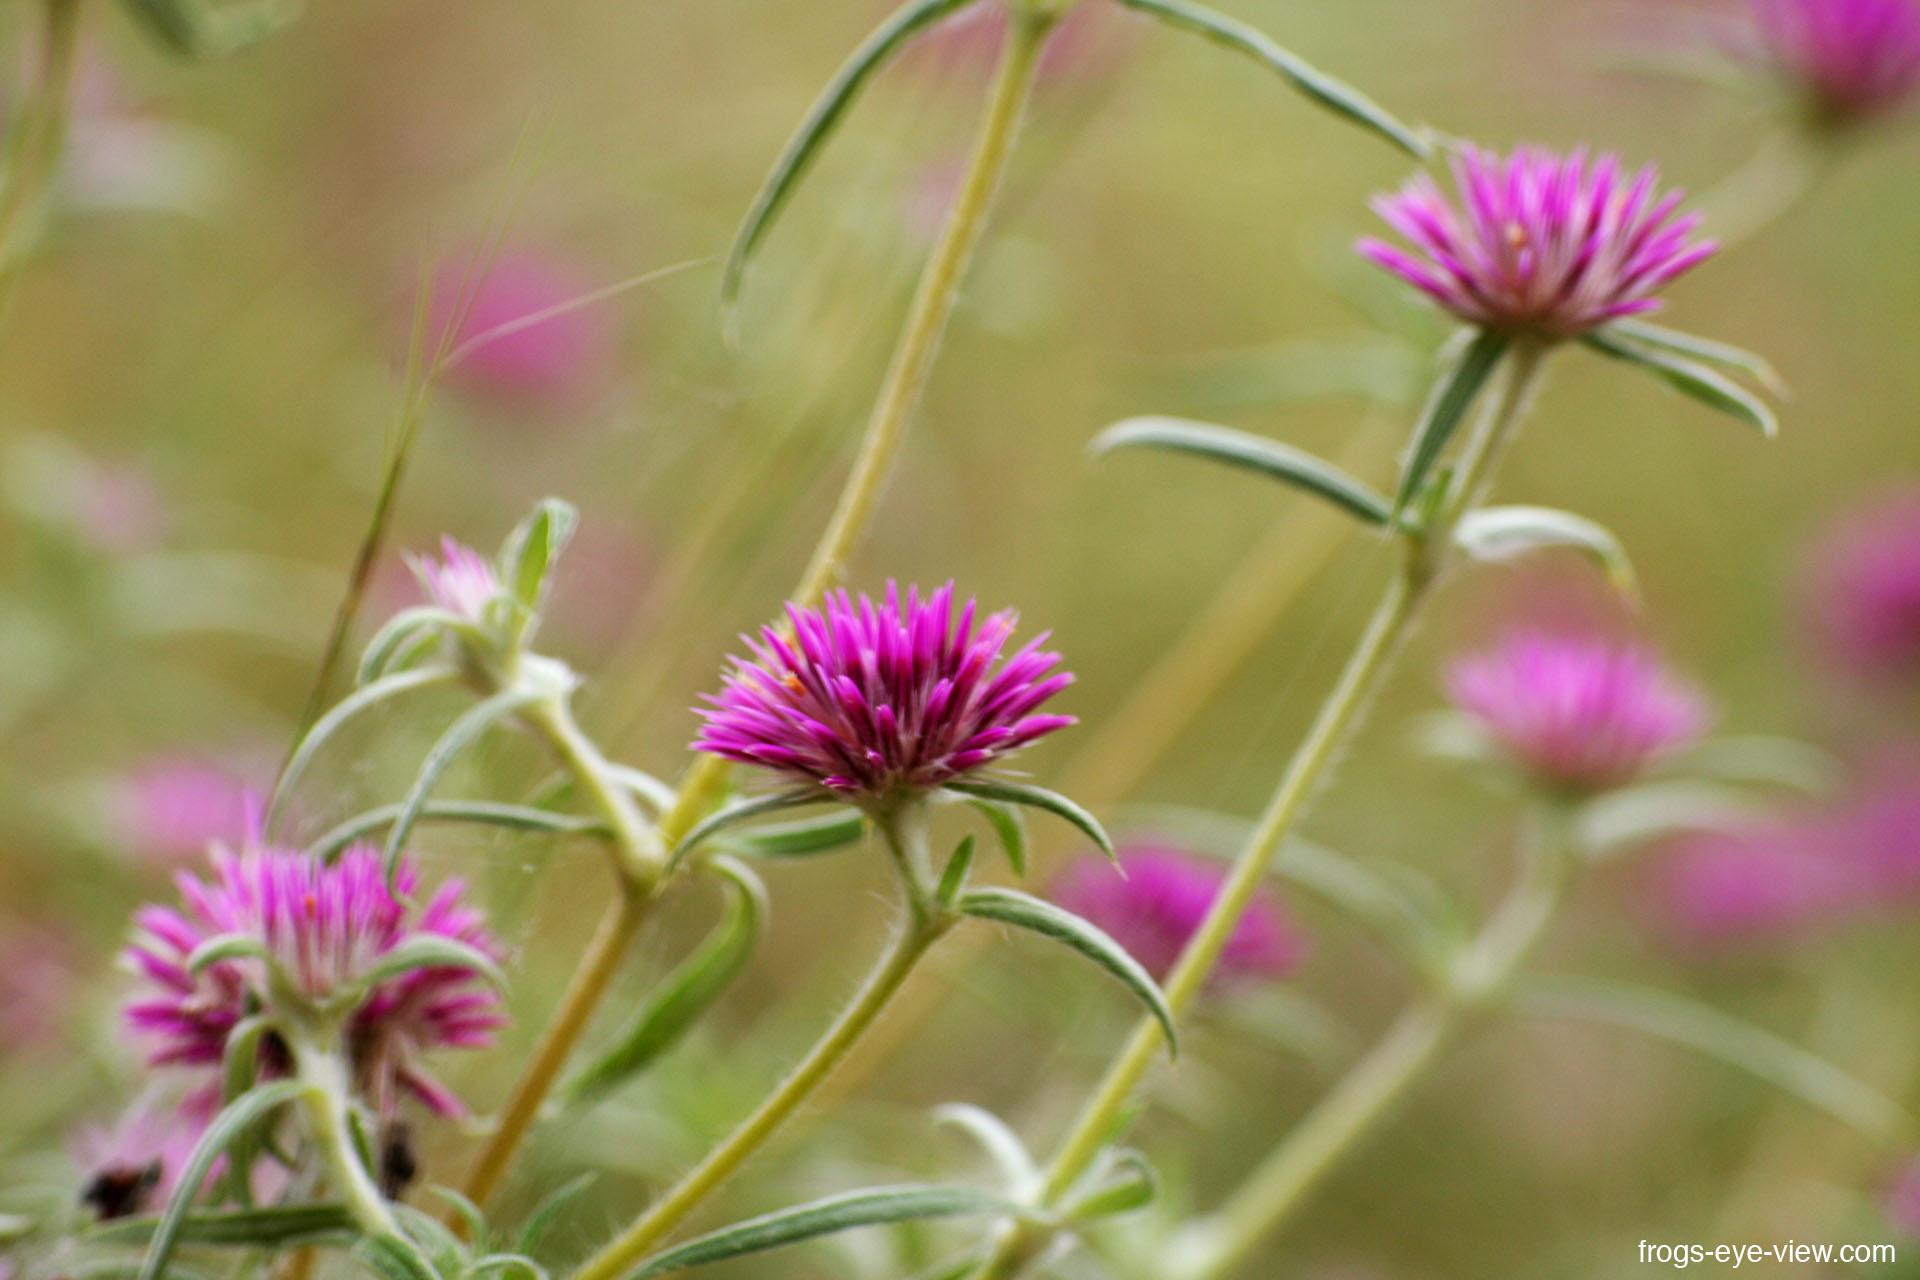 38_violett flowers 2 Kopie